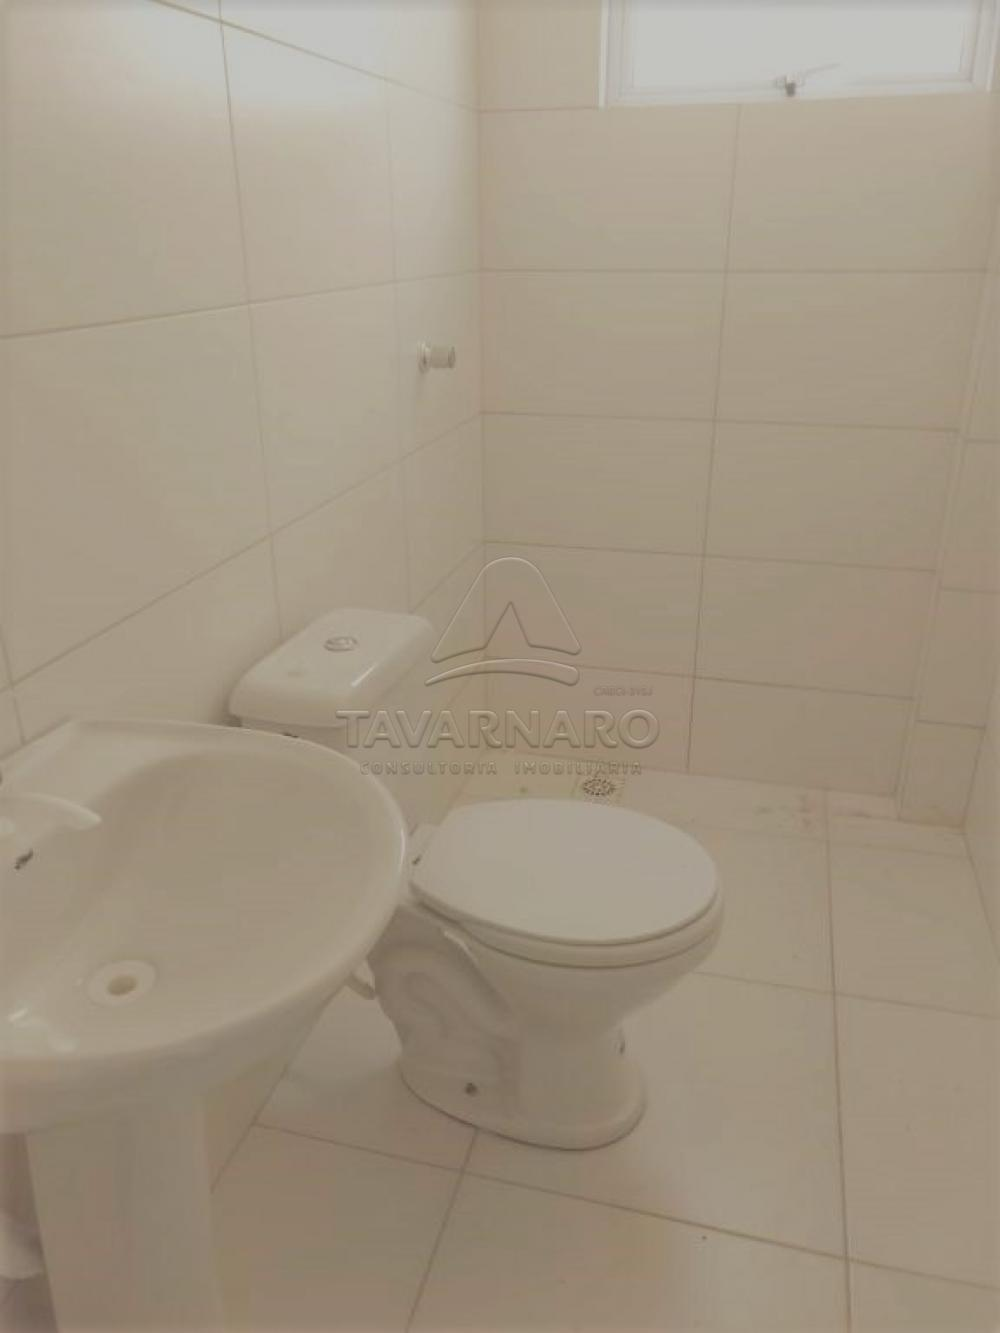 Comprar Apartamento / Padrão em Ponta Grossa apenas R$ 130.000,00 - Foto 5